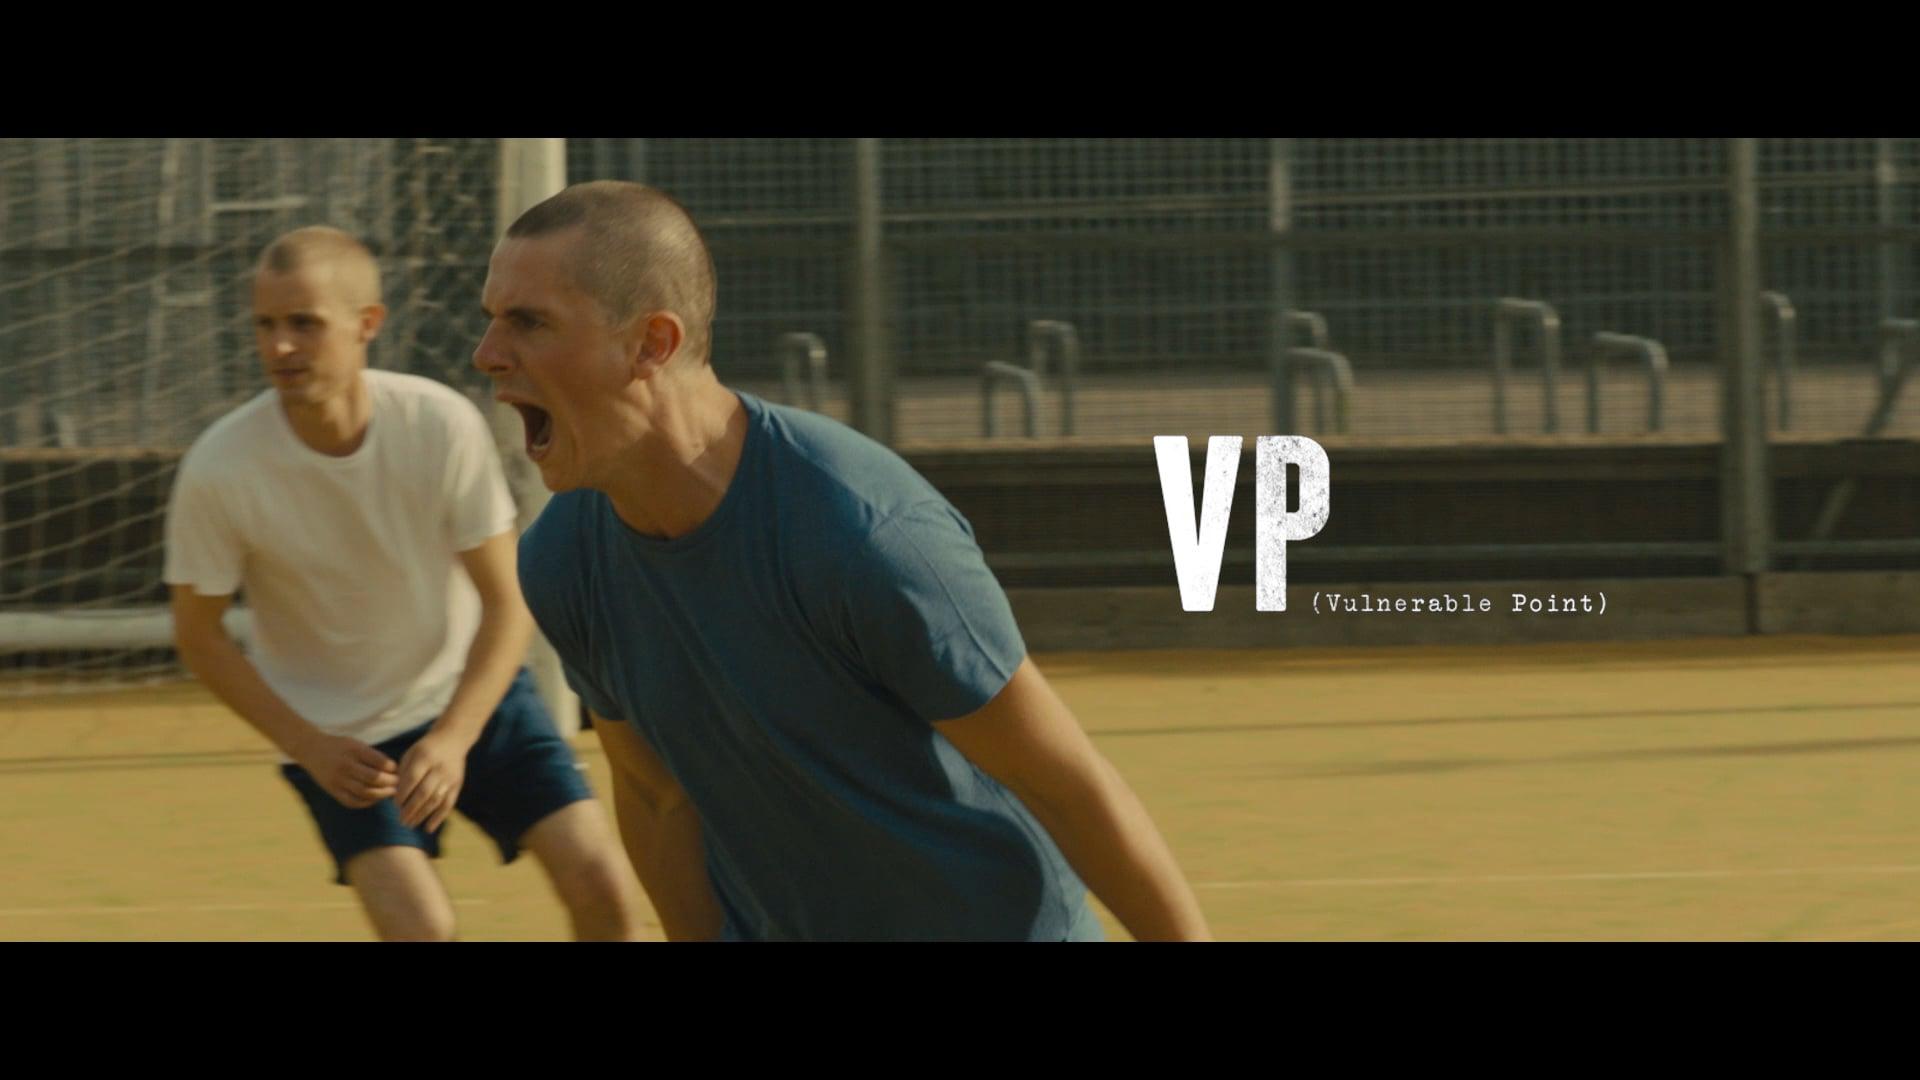 VP Trailer